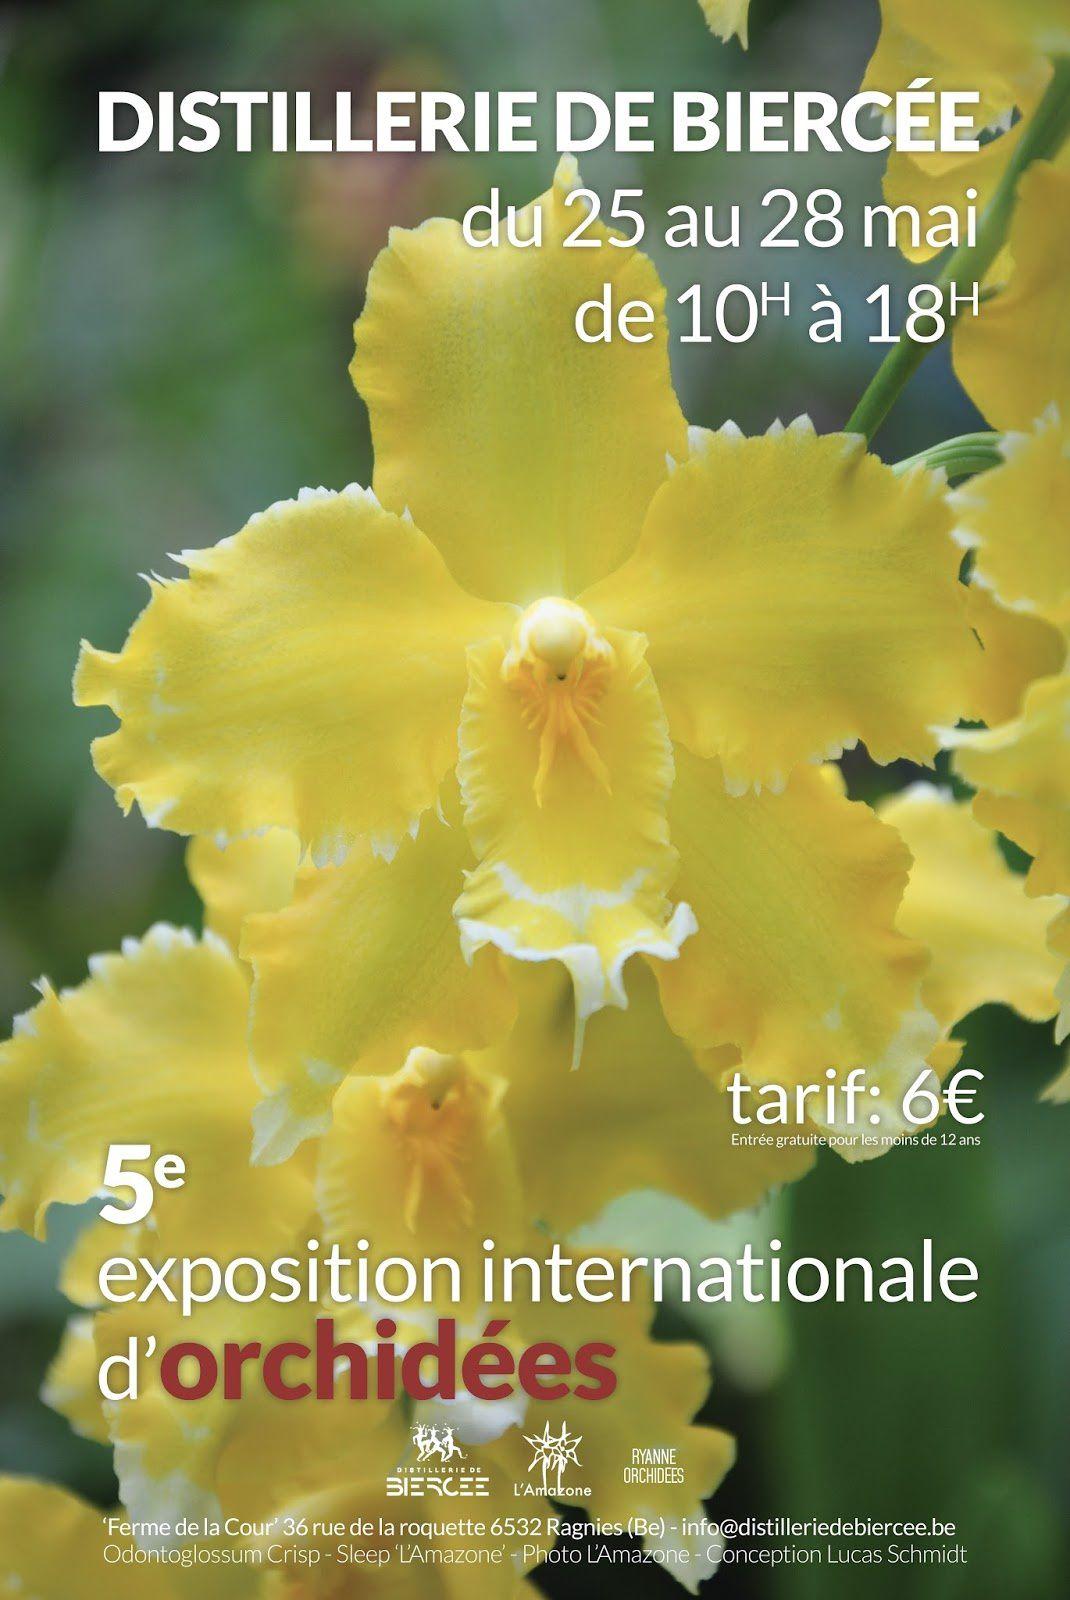 5ème exposition internationale d'orchidées à la distillerie de Biercée